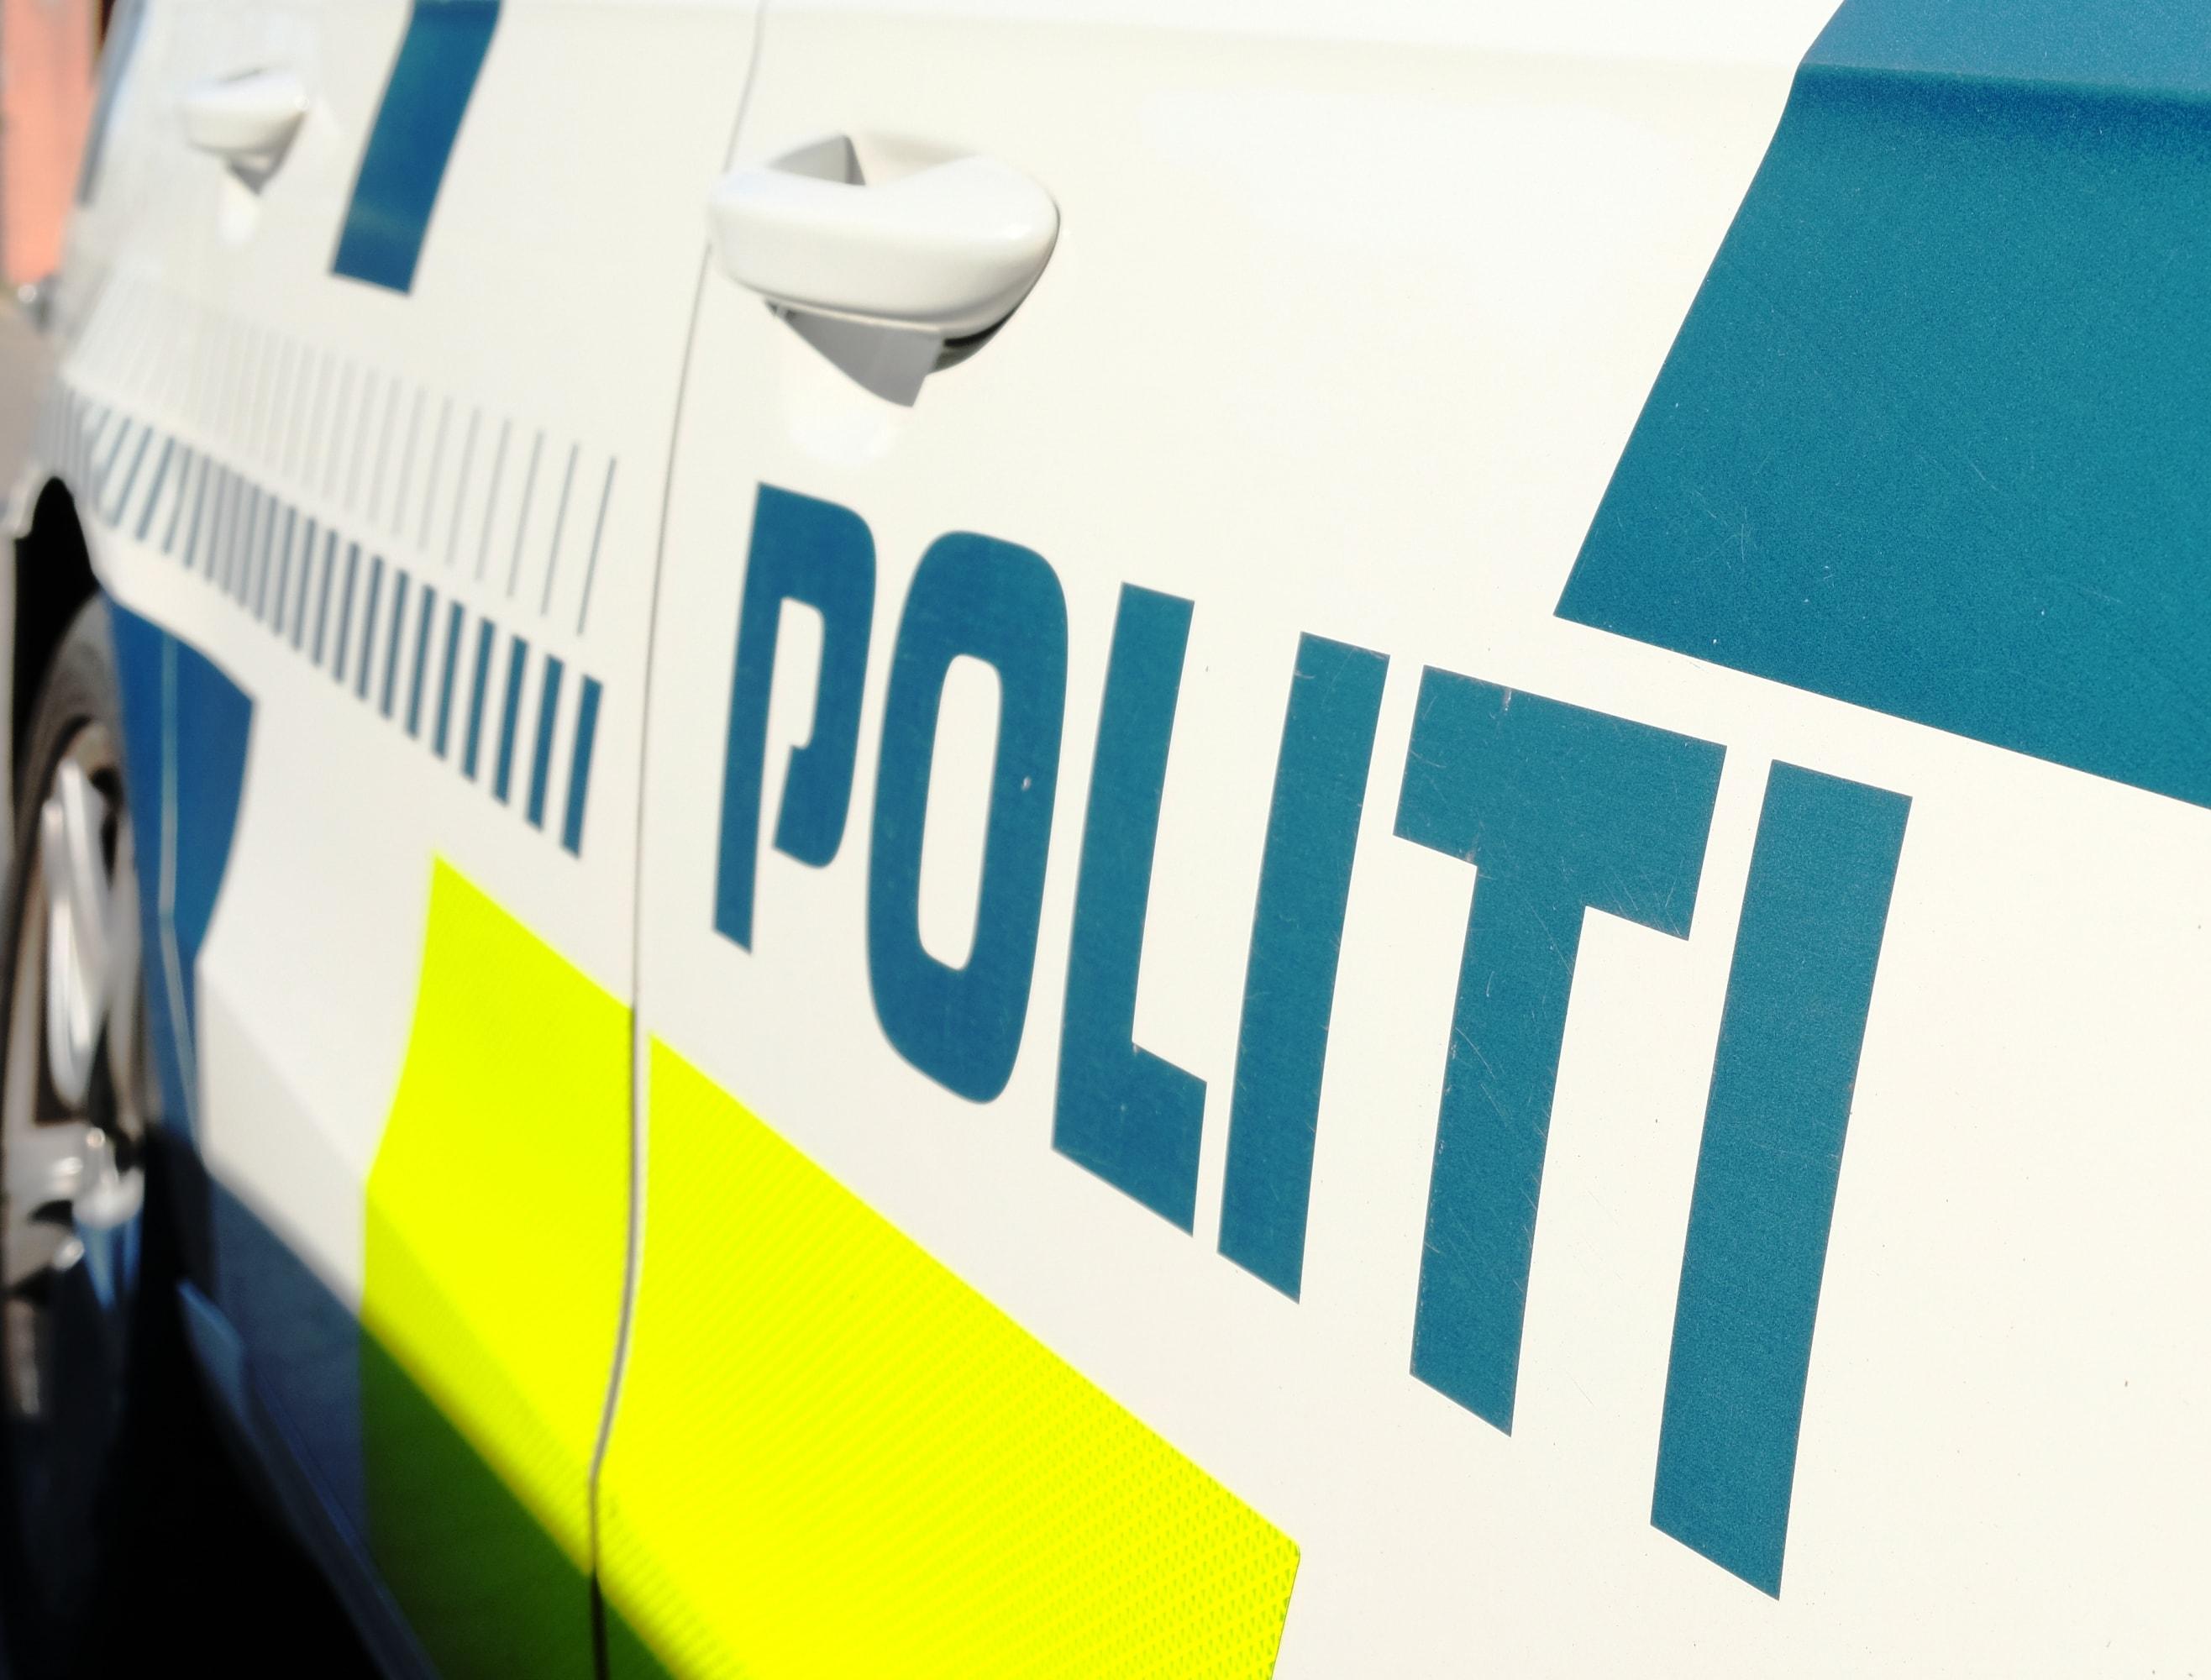 I samarbejde med Sydsjællands og Lolland-Falsters Politi fandt Københavns Vestegns Politi frem til pigen i går aftes. Hun blev fundet på en adress...